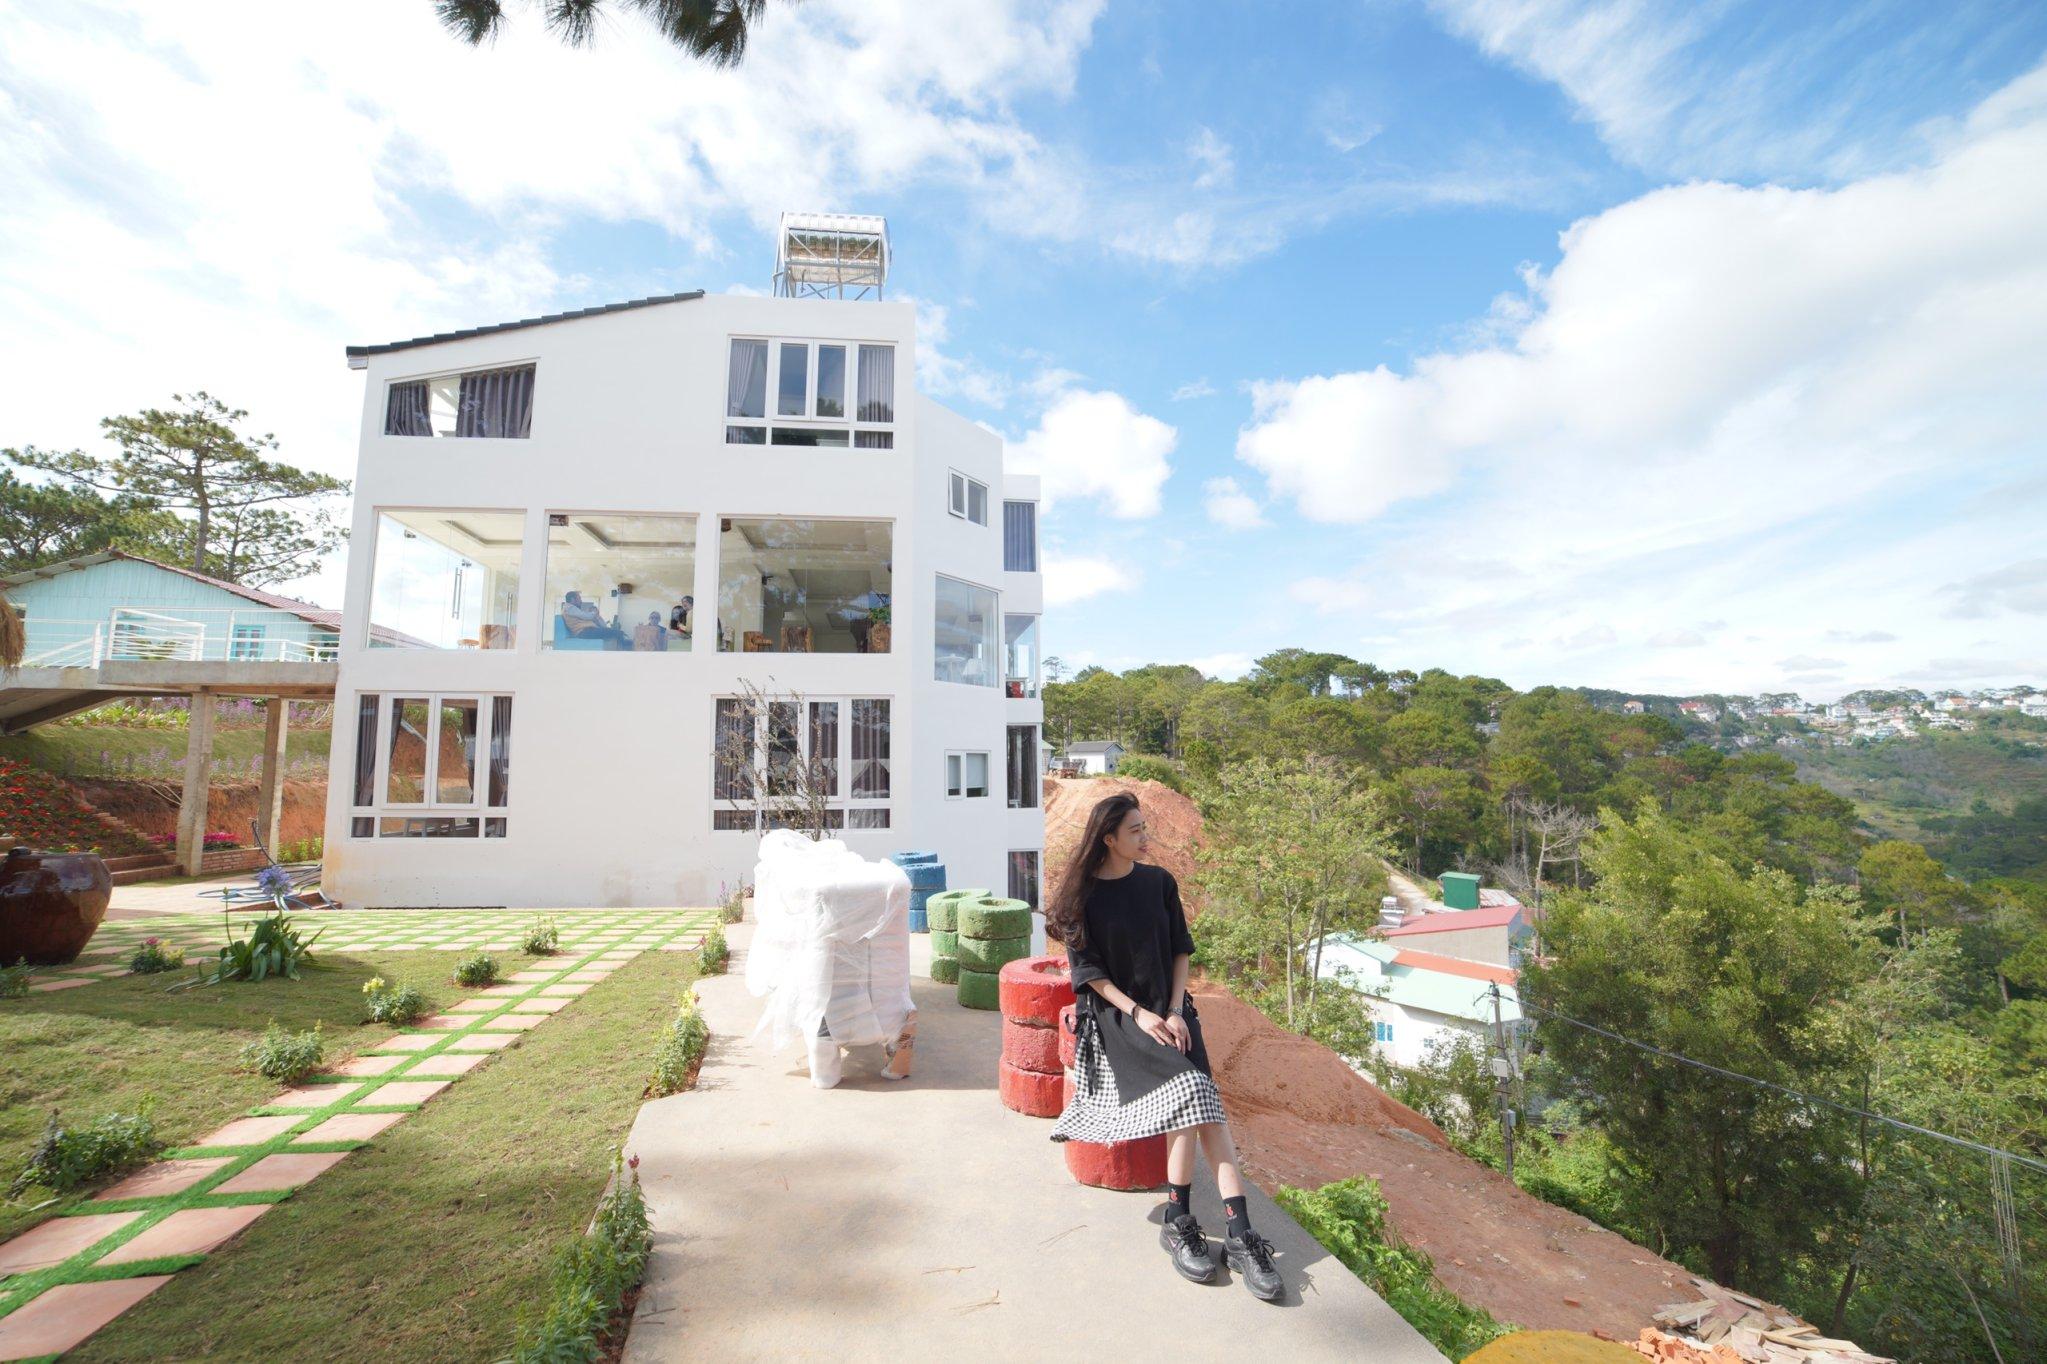 Oppa Dalat Hotel - Houses for Rent in Thành phố Đà Lạt, Lâm Đồng ... Marry